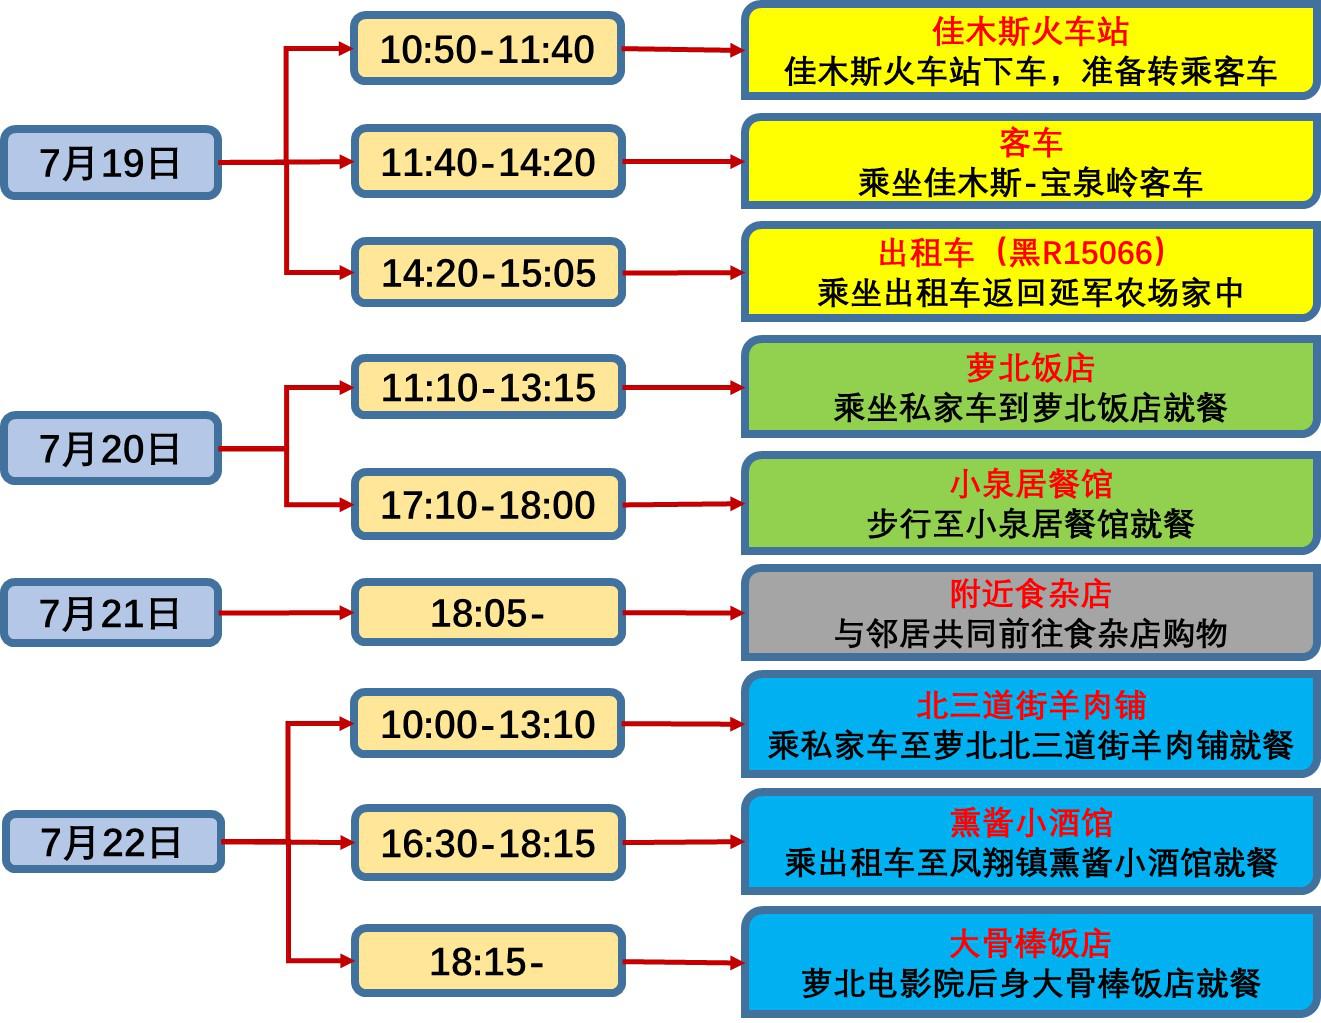 杏悦:卫健委公布黑龙江省现有两名无症状杏悦感染者图片